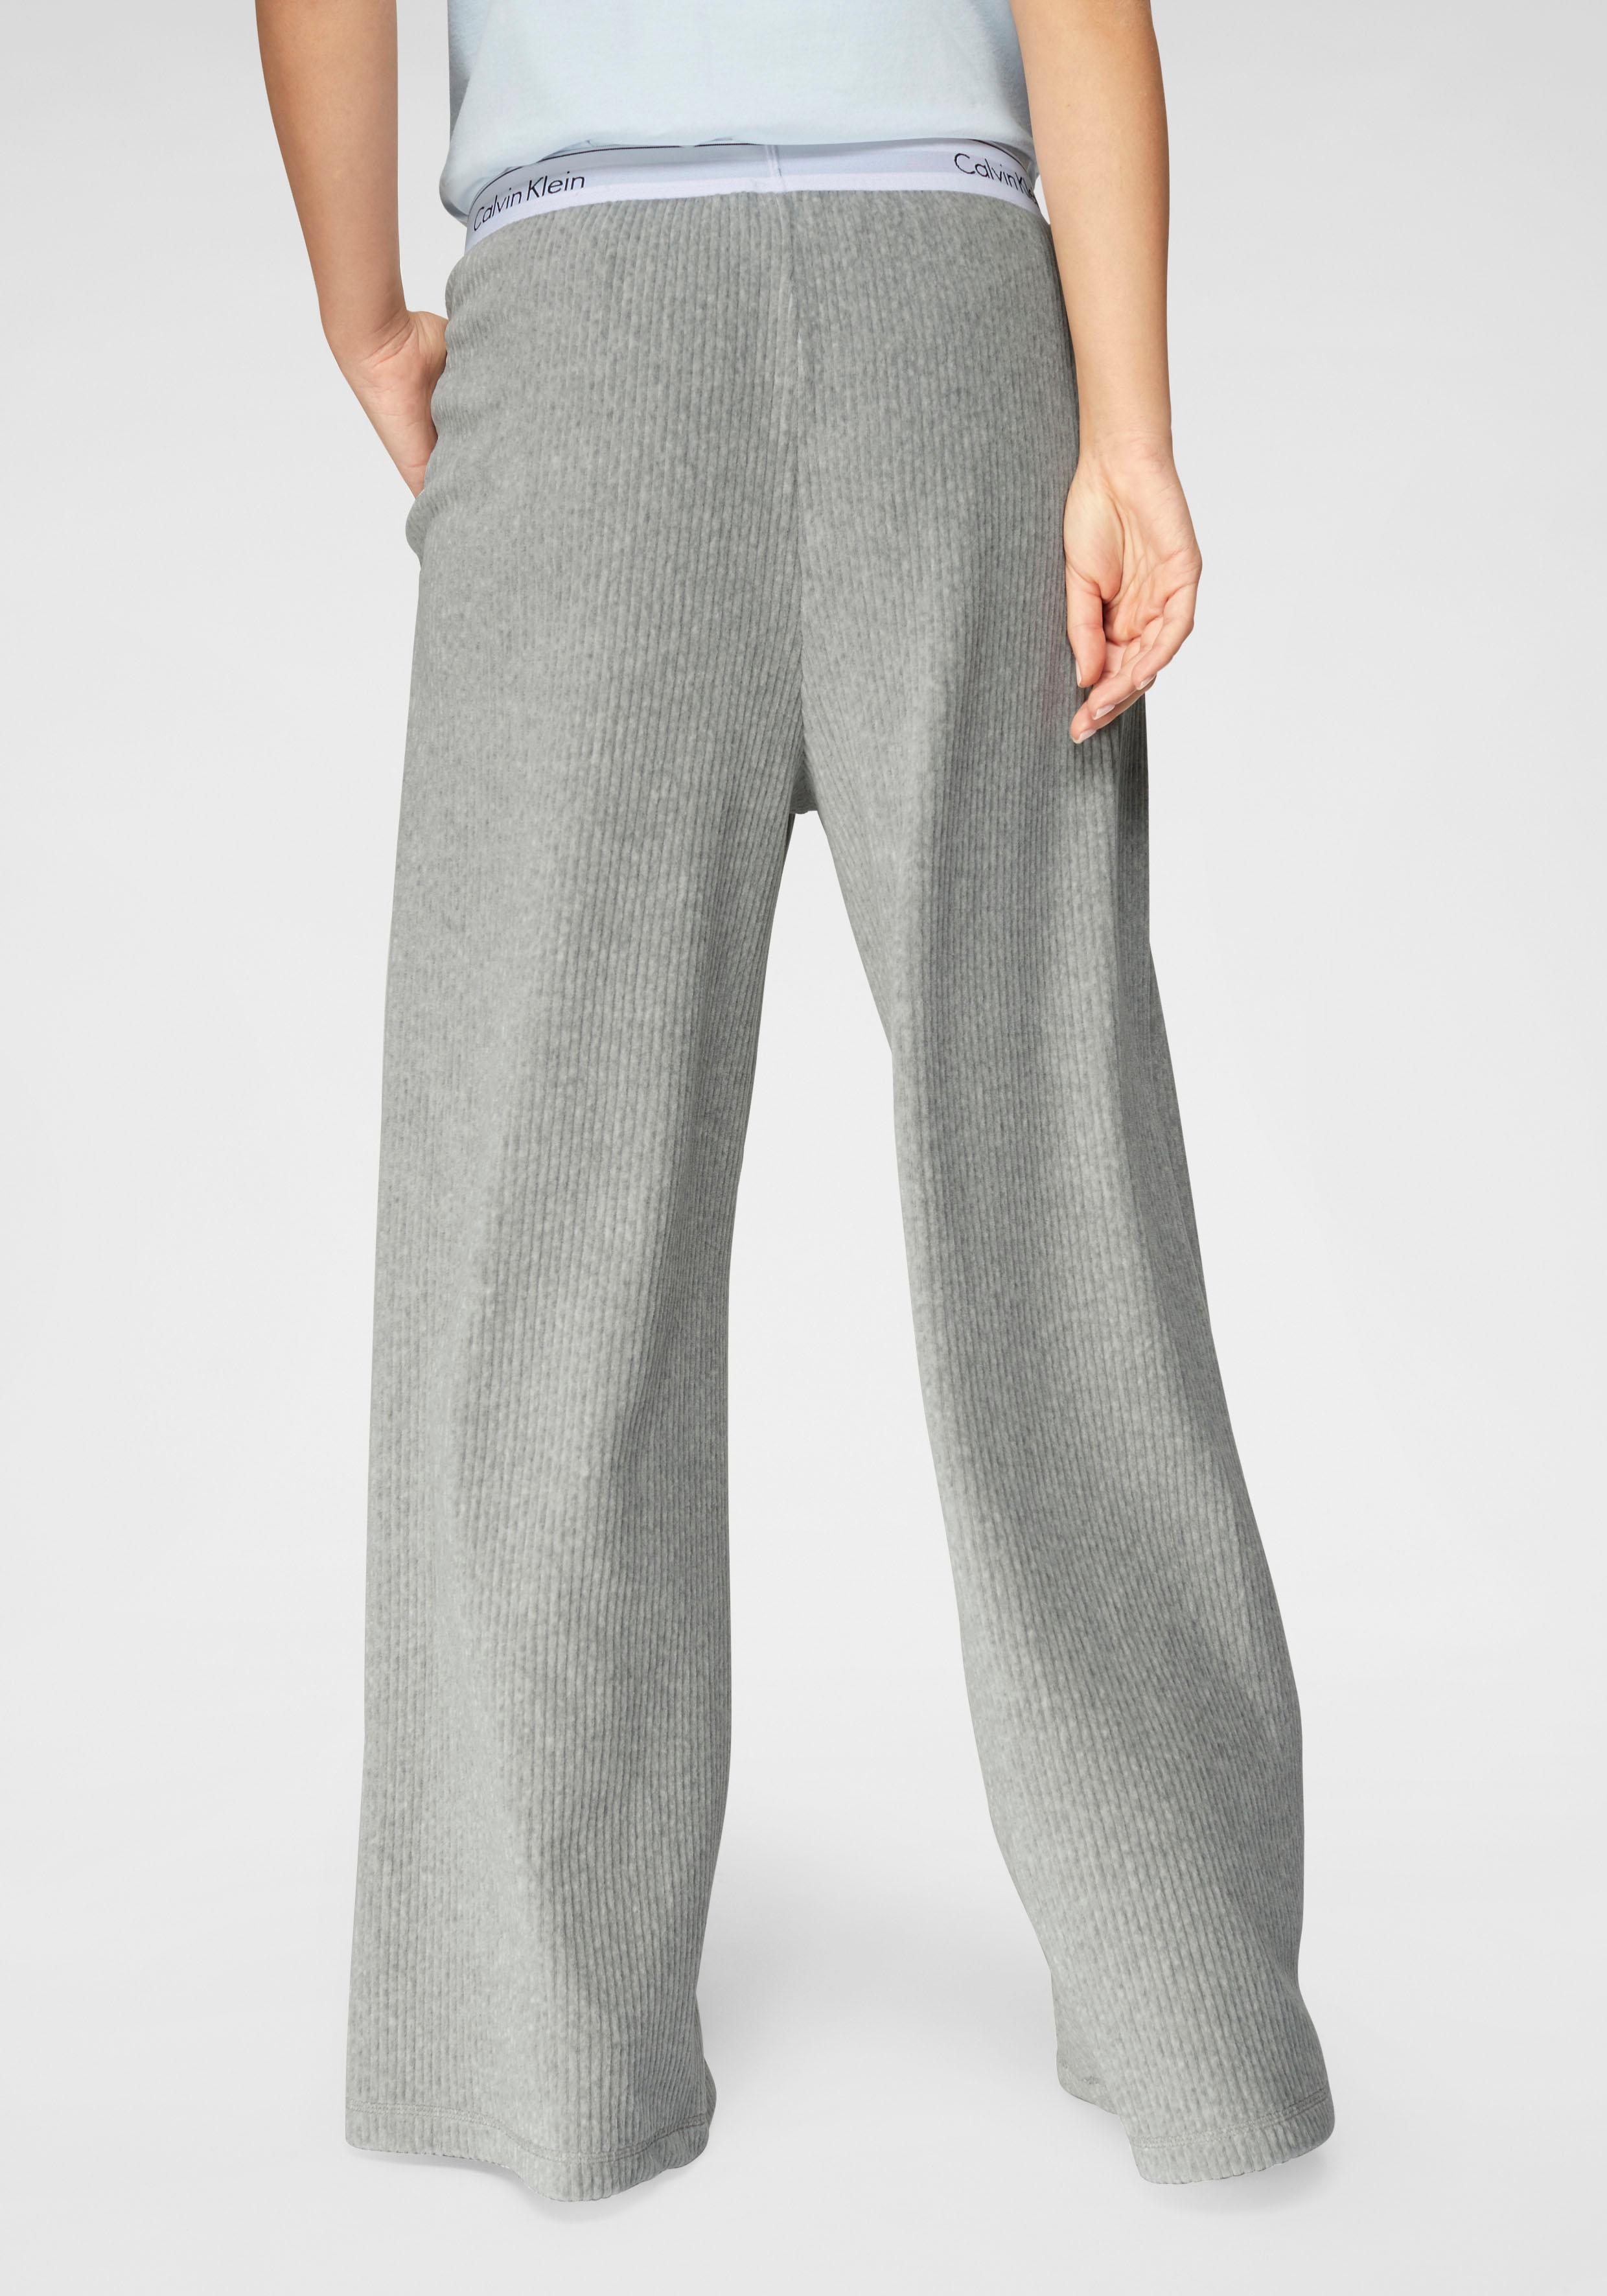 Calvin Klein Loungehose | Bekleidung > Umstandsmode > Umstandstuniken | Calvin Klein